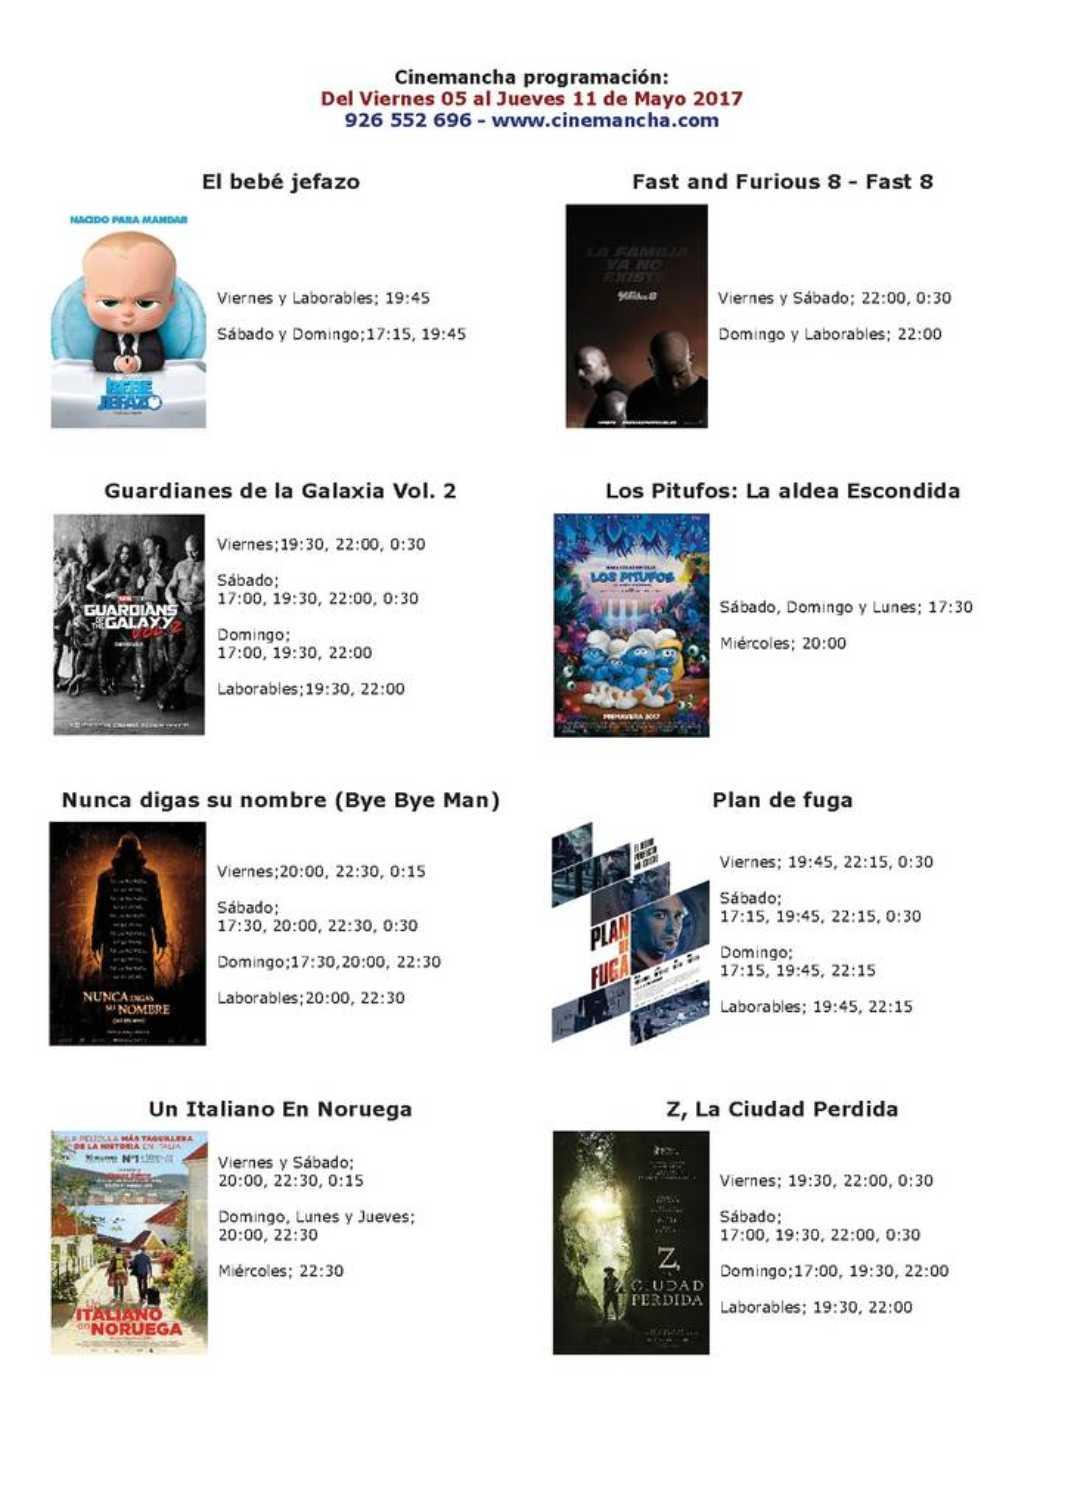 cartelera de multicines cinemancha del 05 al 11 de mayo 1068x1511 - Cartelera Cinemancha del viernes 5 al jueves 11 de mayo